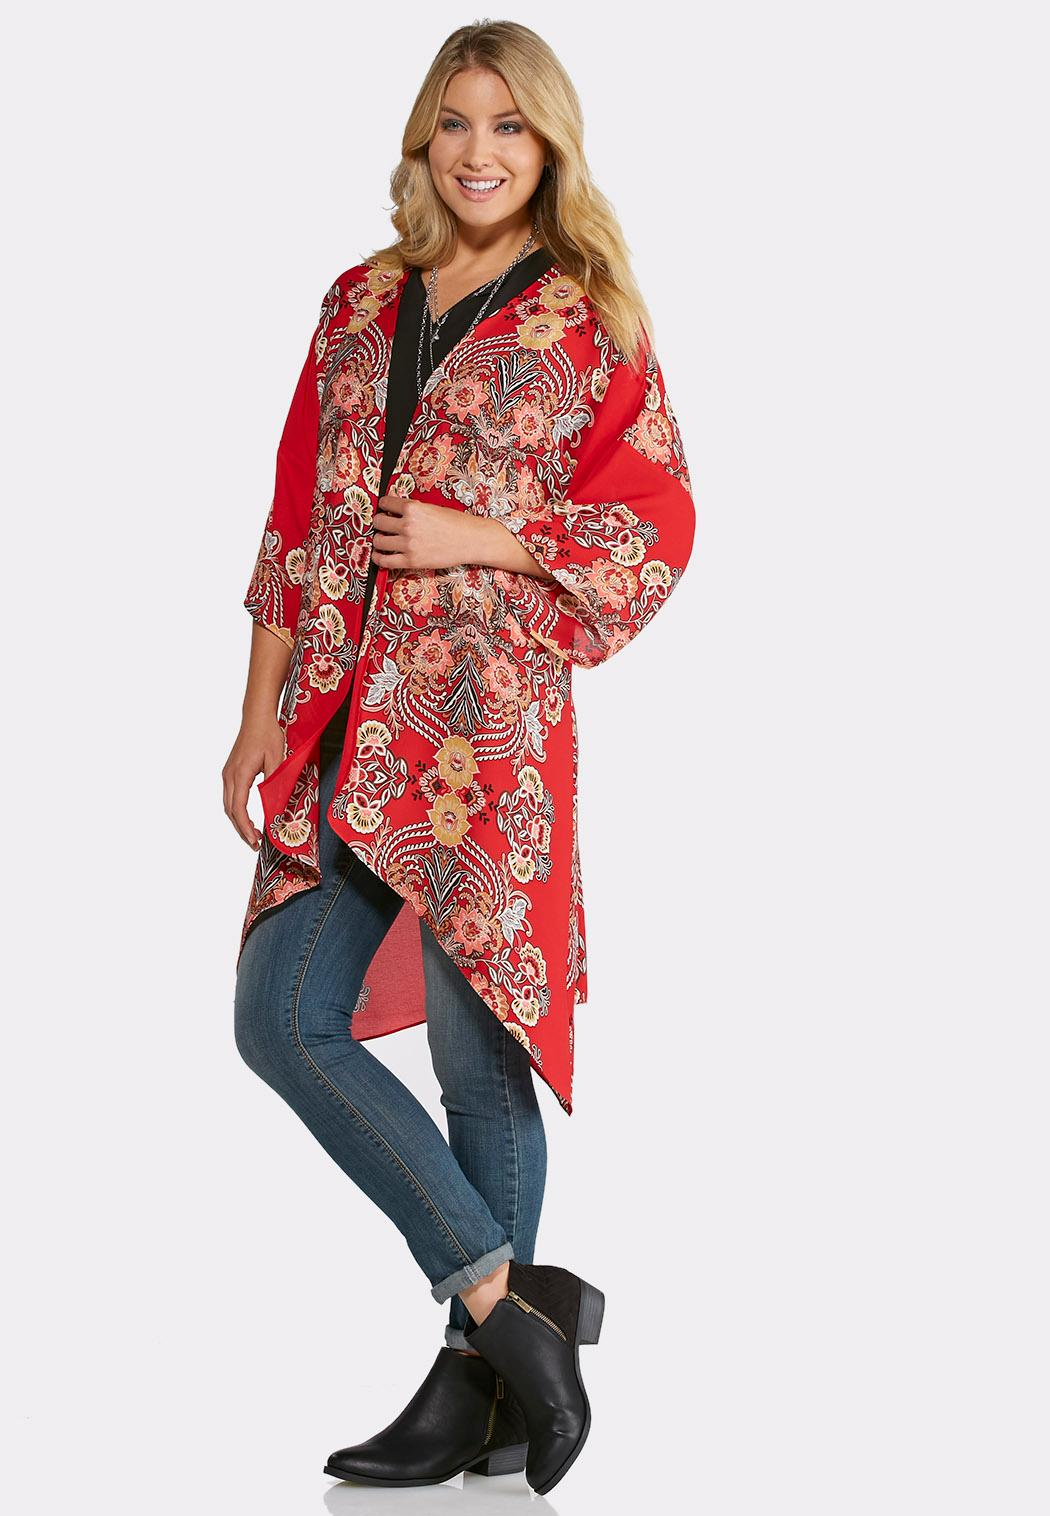 Kimono Style Dresses